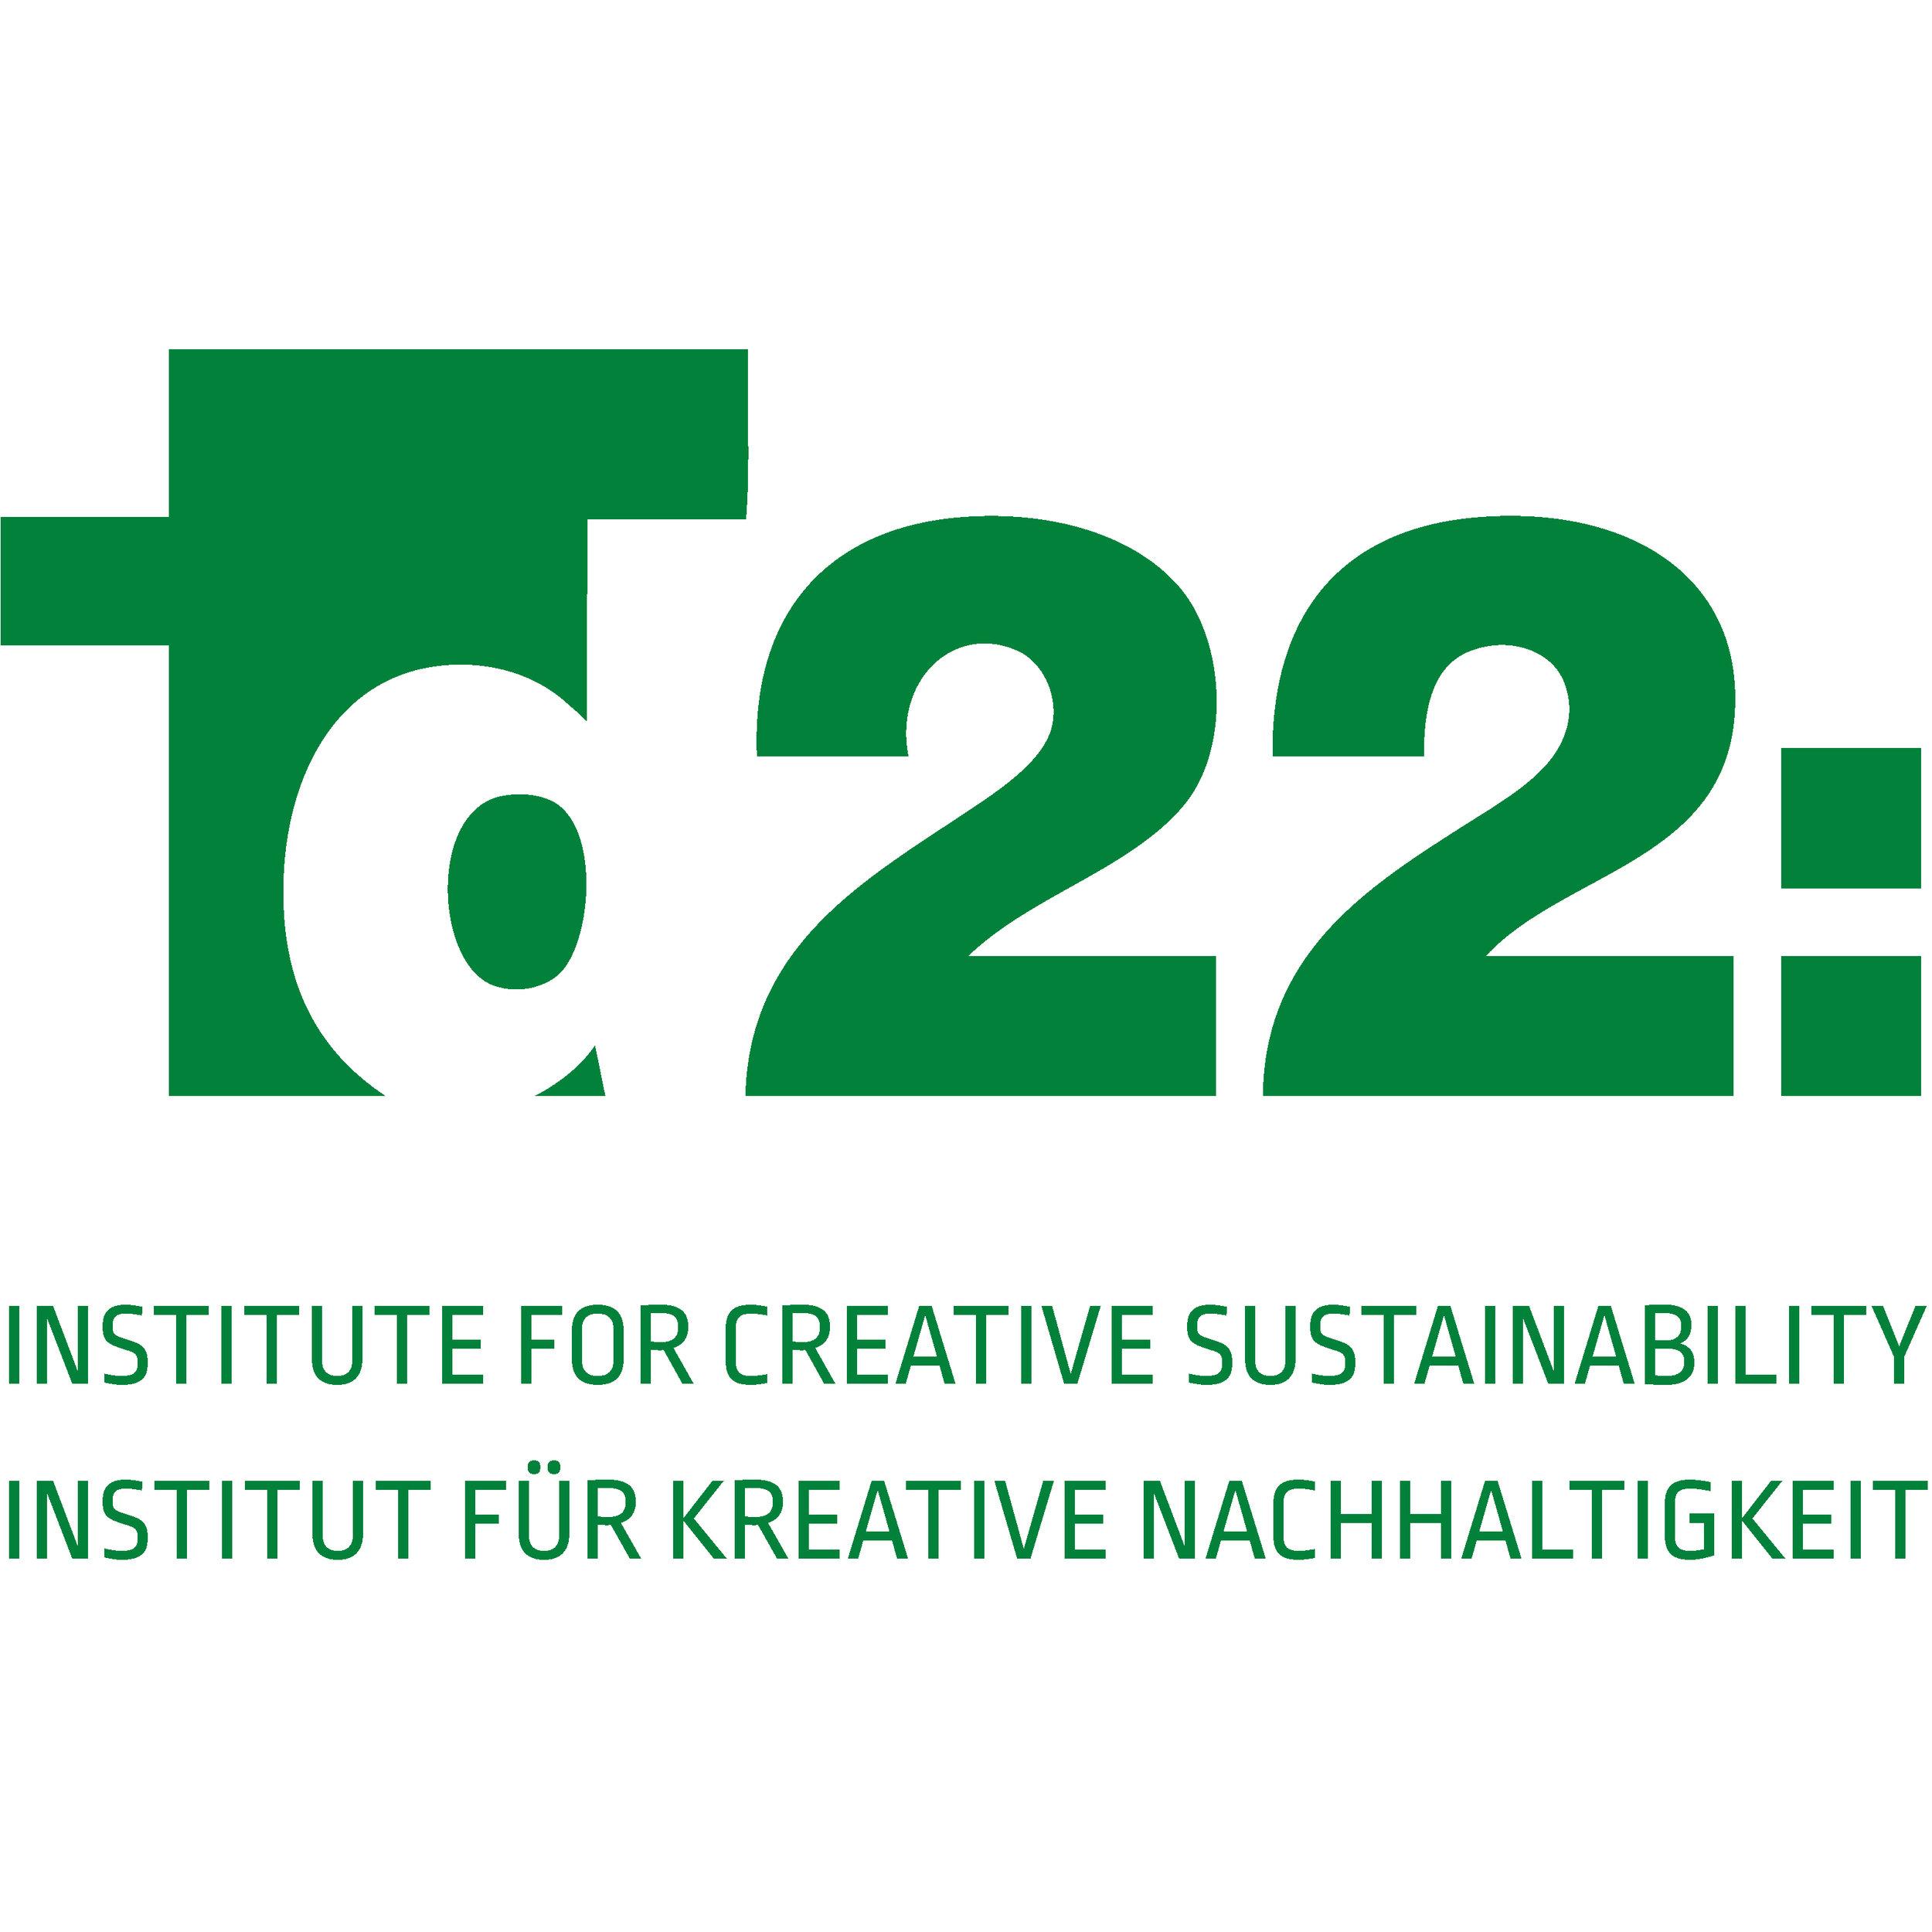 id22_Institute_Institut_Logo_RGB_square-2.jpg